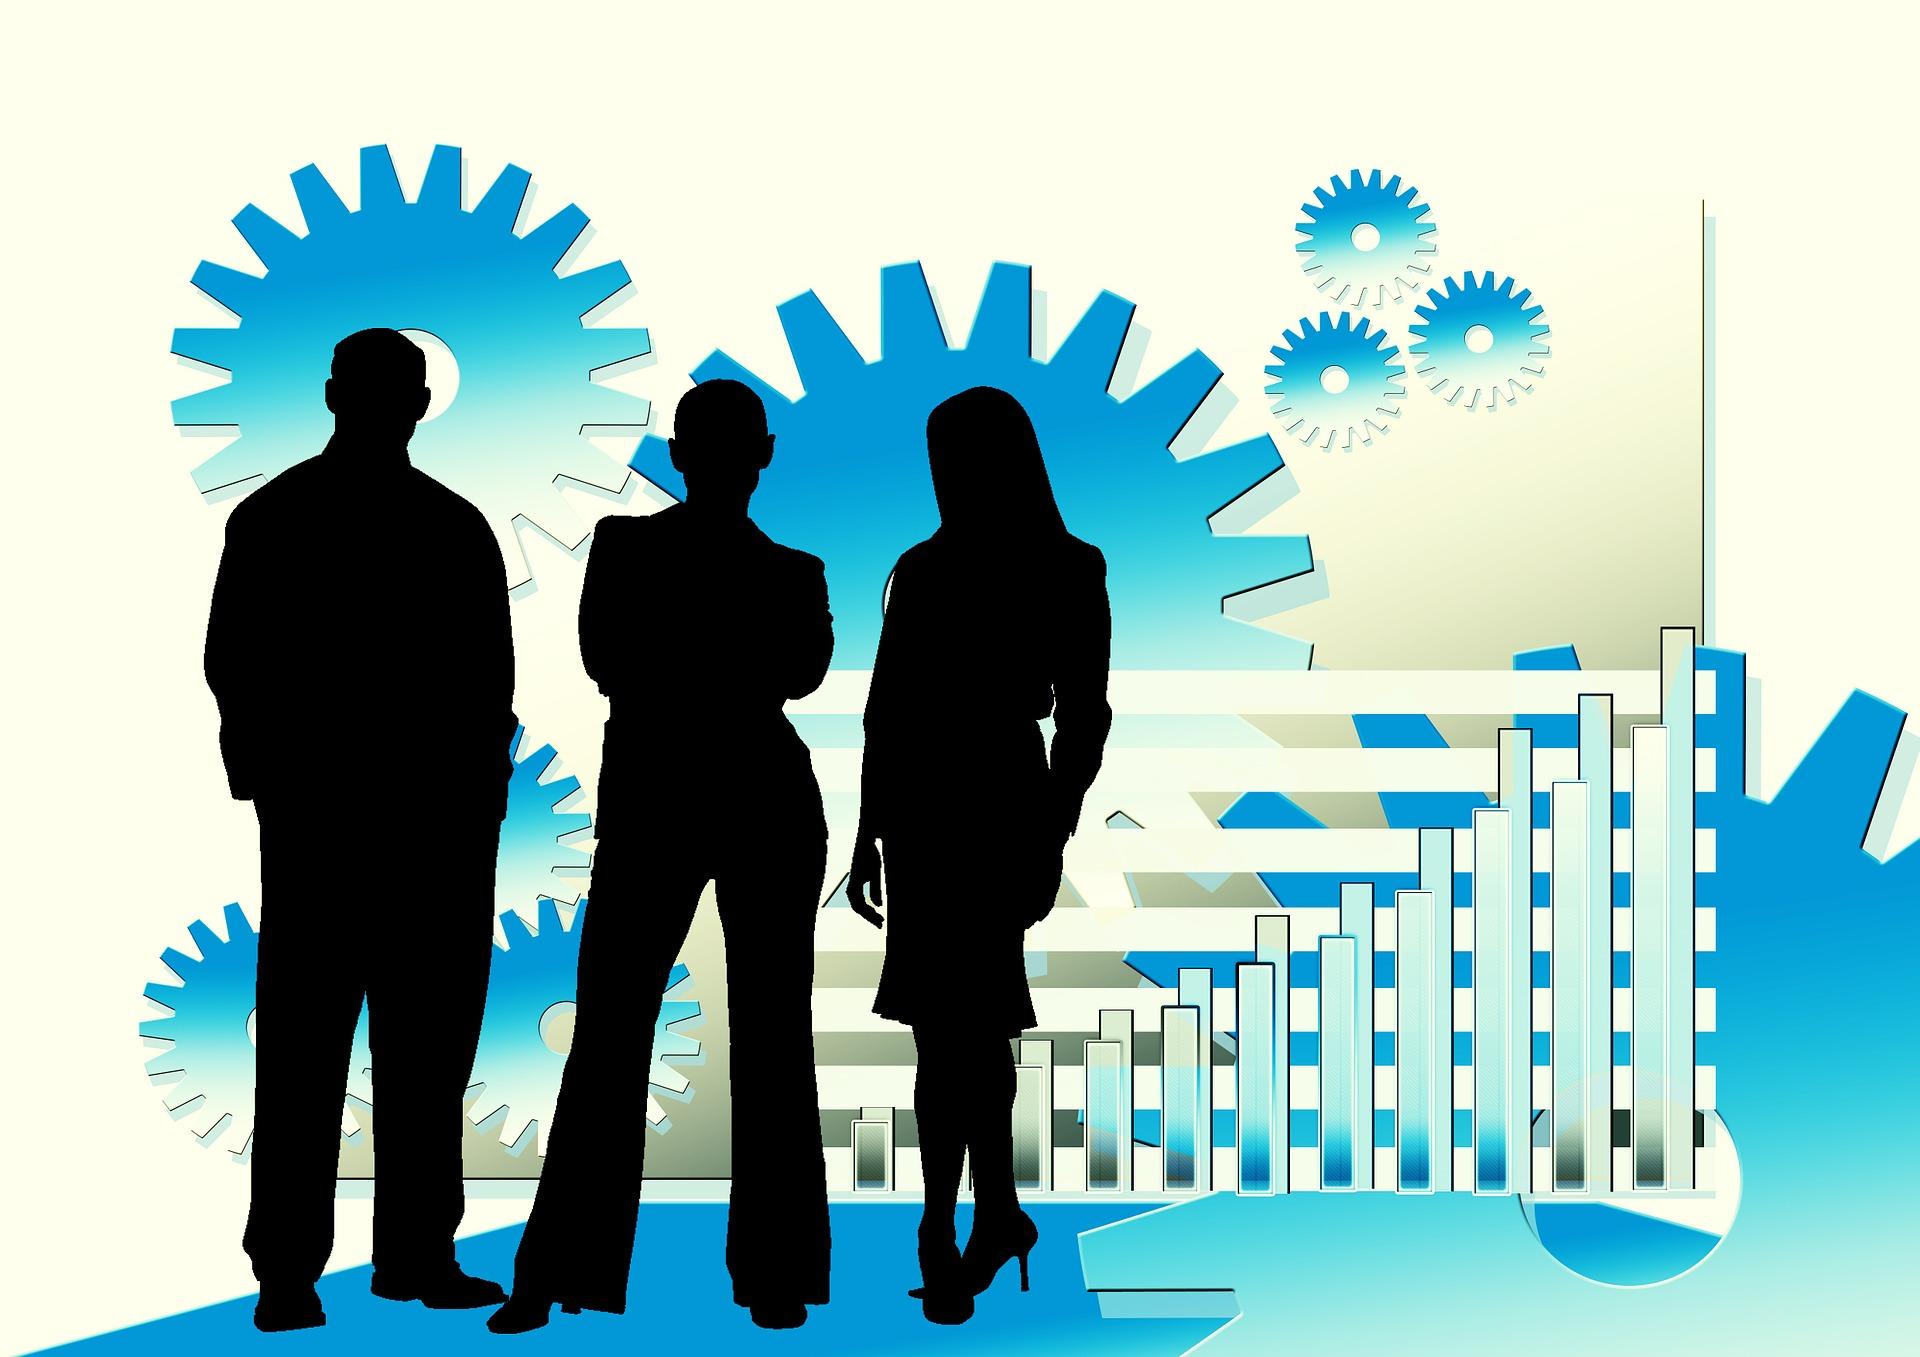 Stellenangebot: Fachanwalt für Bank- und Kapitalmarktrecht, Rechtsanwalt, Wirtschaftsjurist